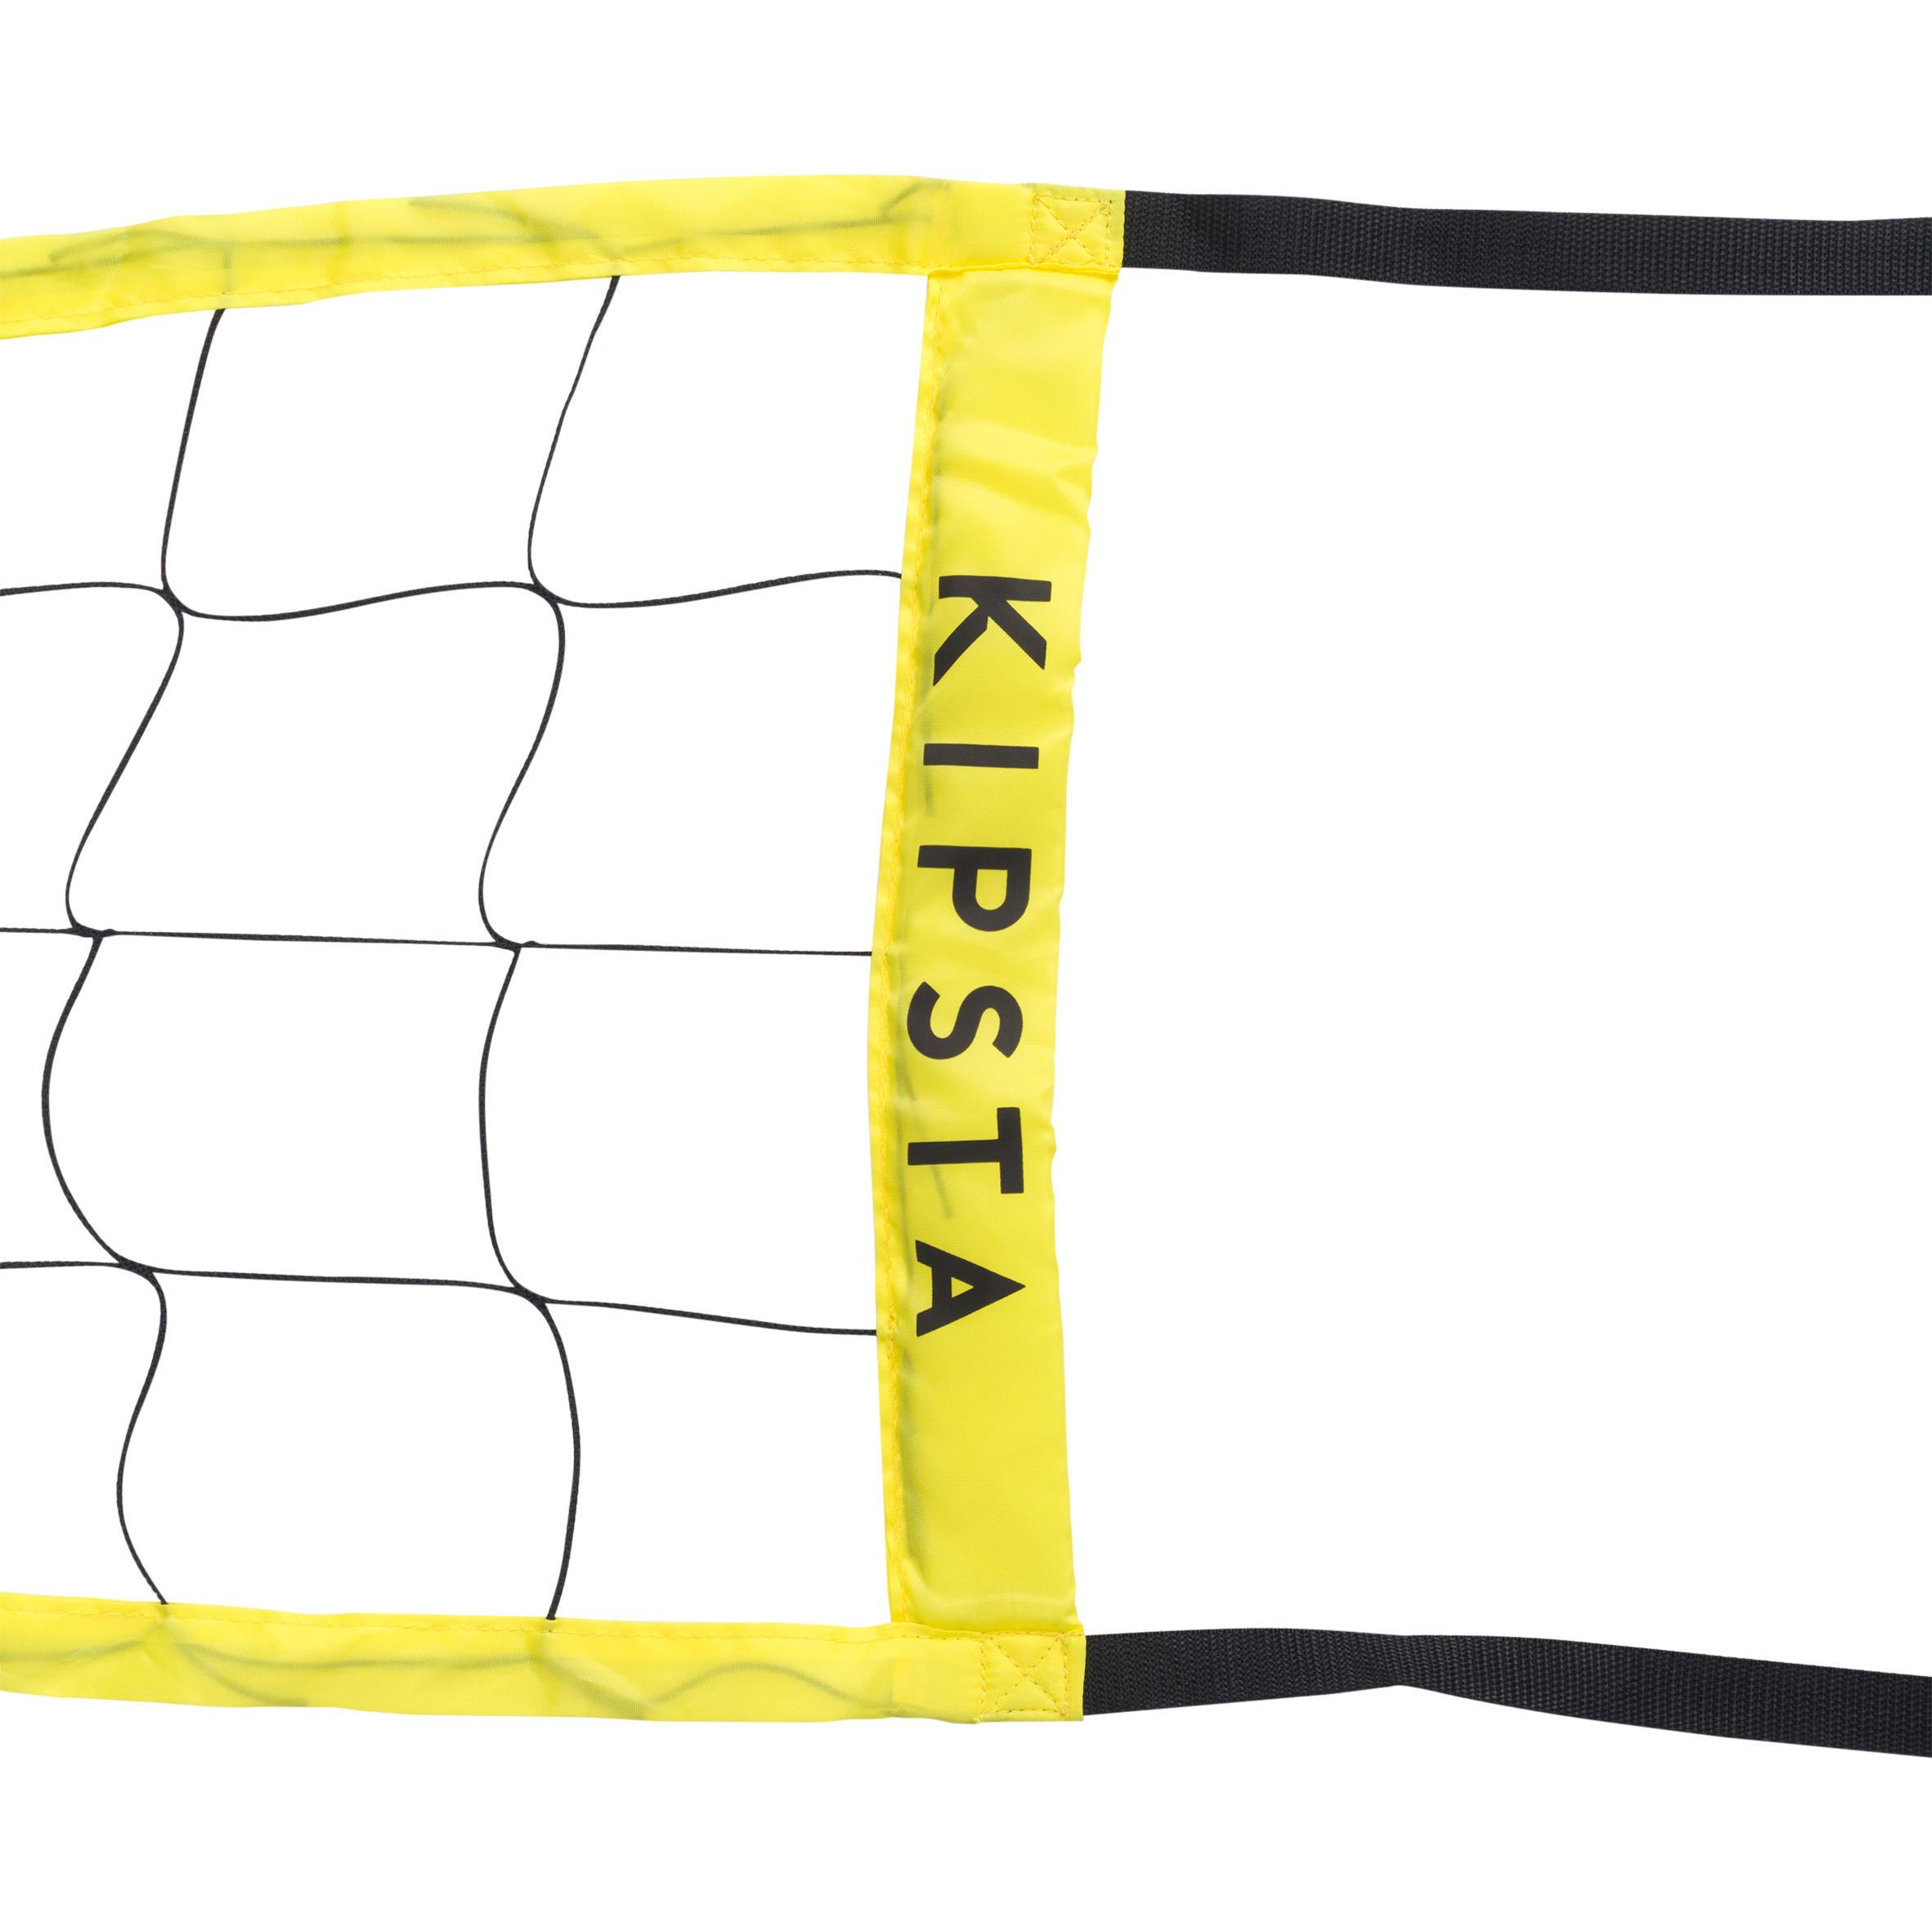 Red de voleibol y voleibol de playa BV100 WIZ NET amarilla